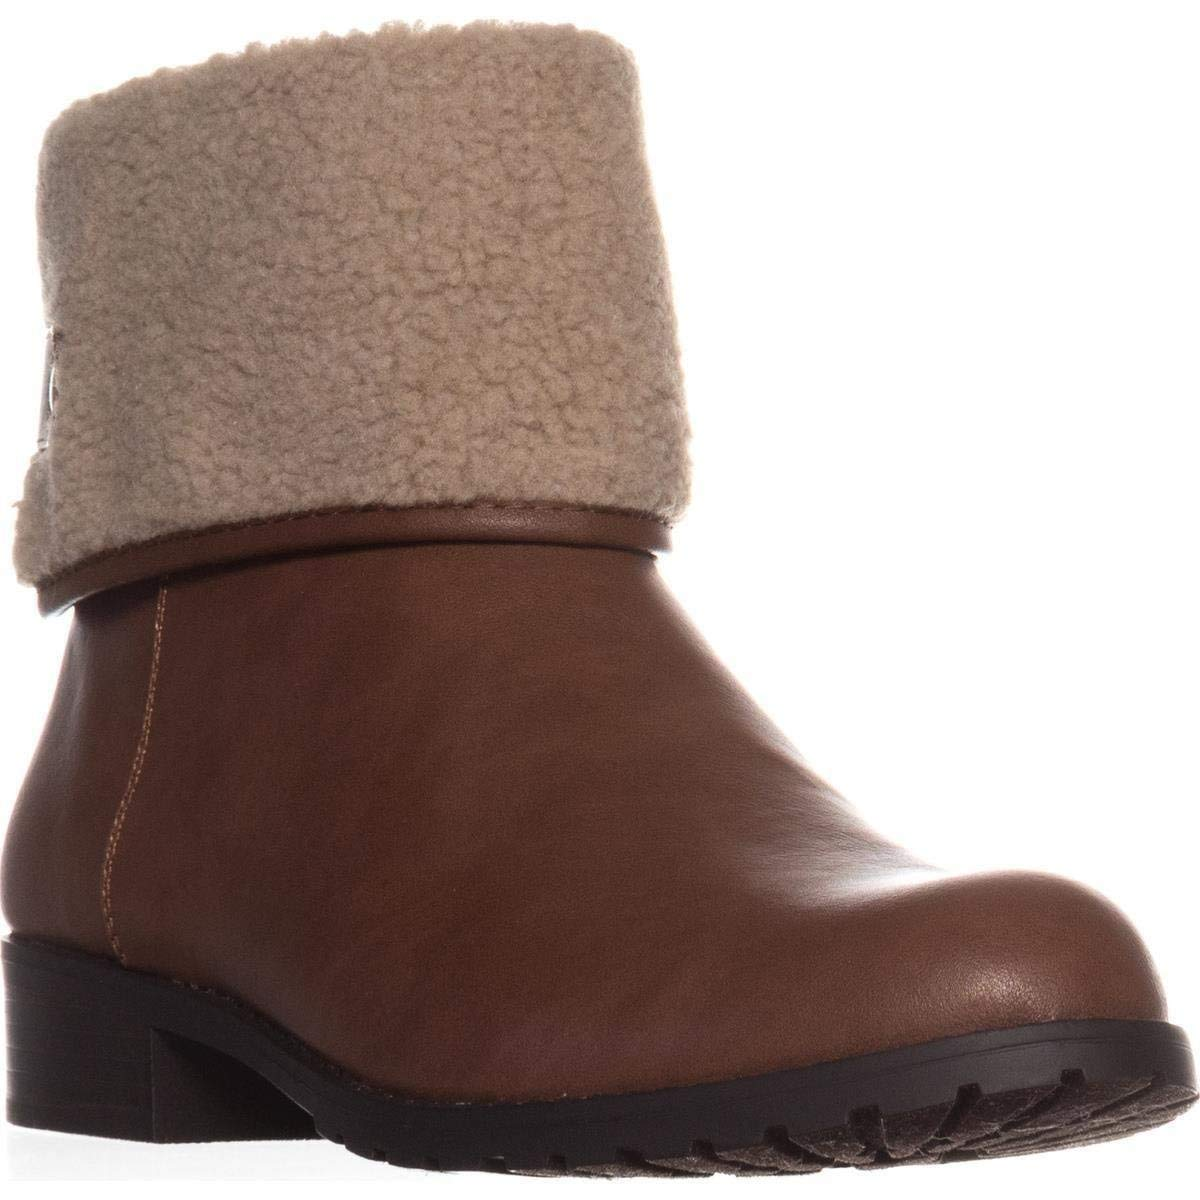 Style & Co. Frauen Beana2 Beana2 Beana2 Pumps rund Fashion Stiefel 34213a